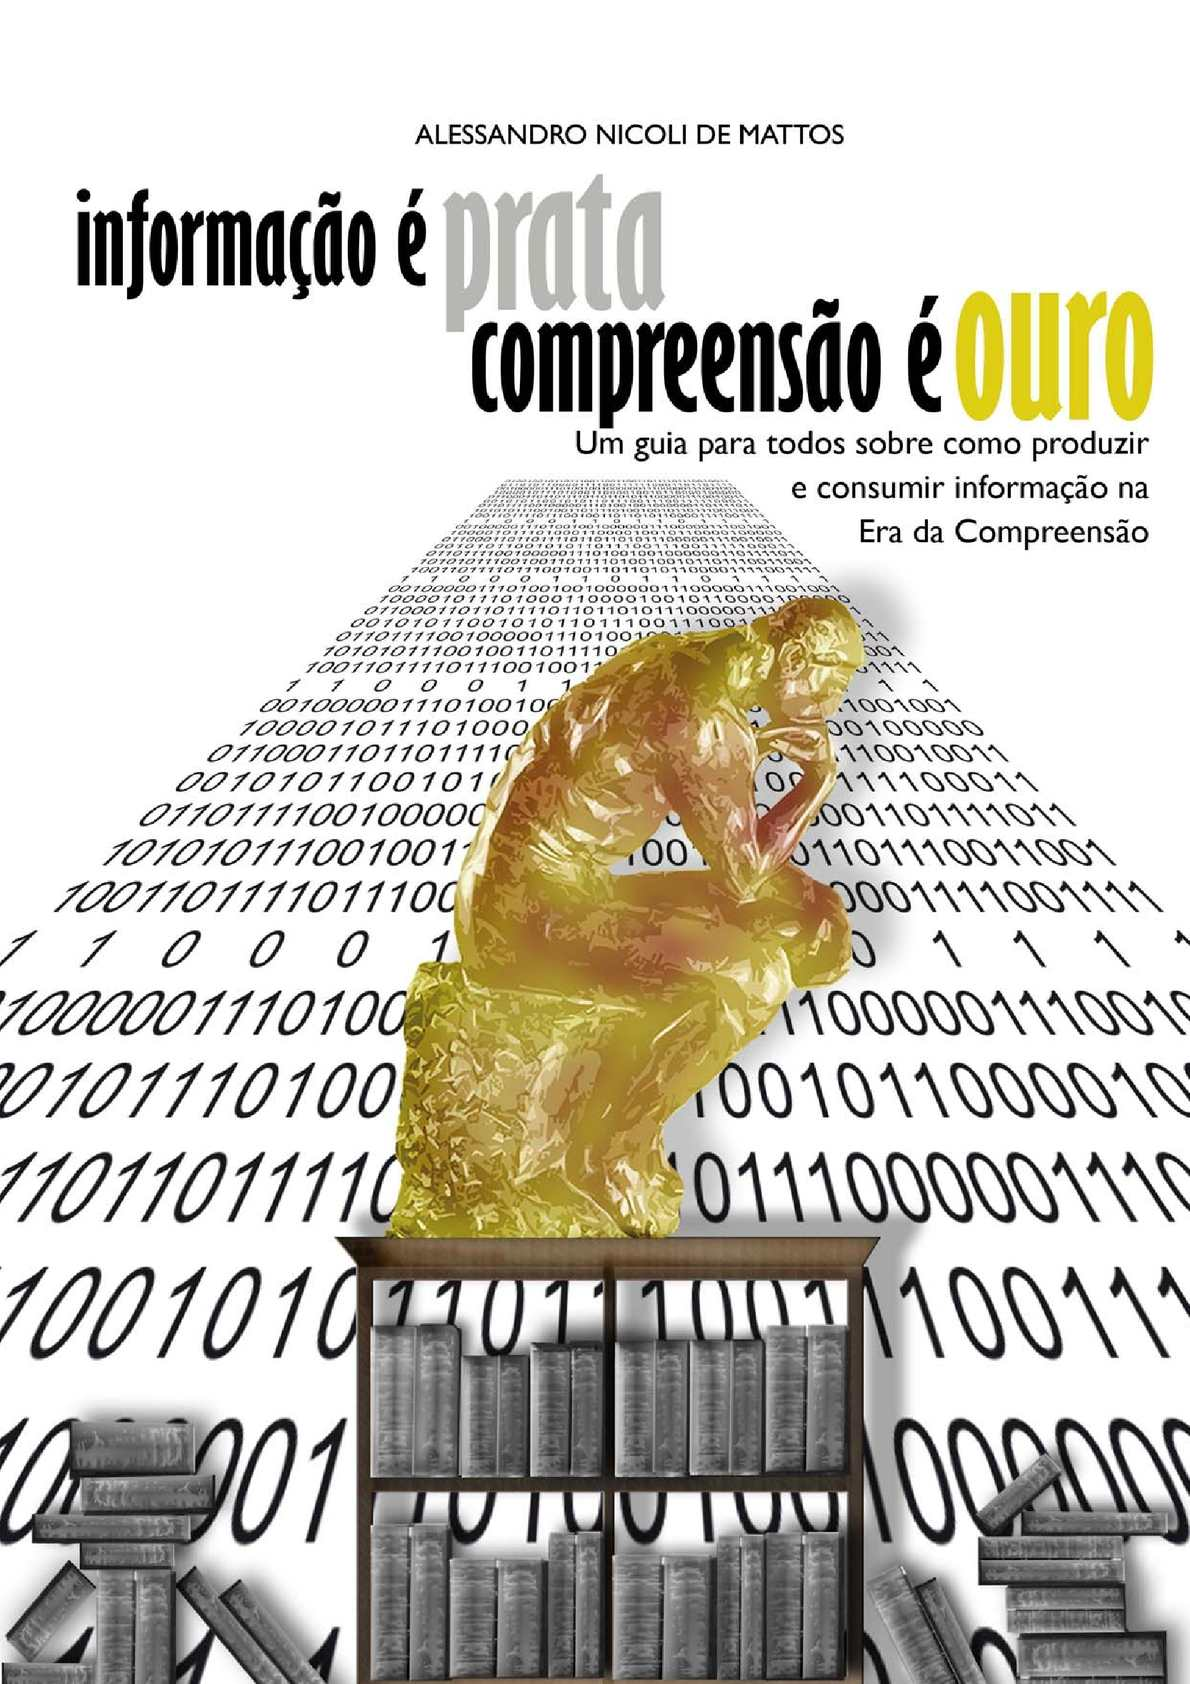 Calamo e book sobre informao e compreenso fandeluxe Choice Image